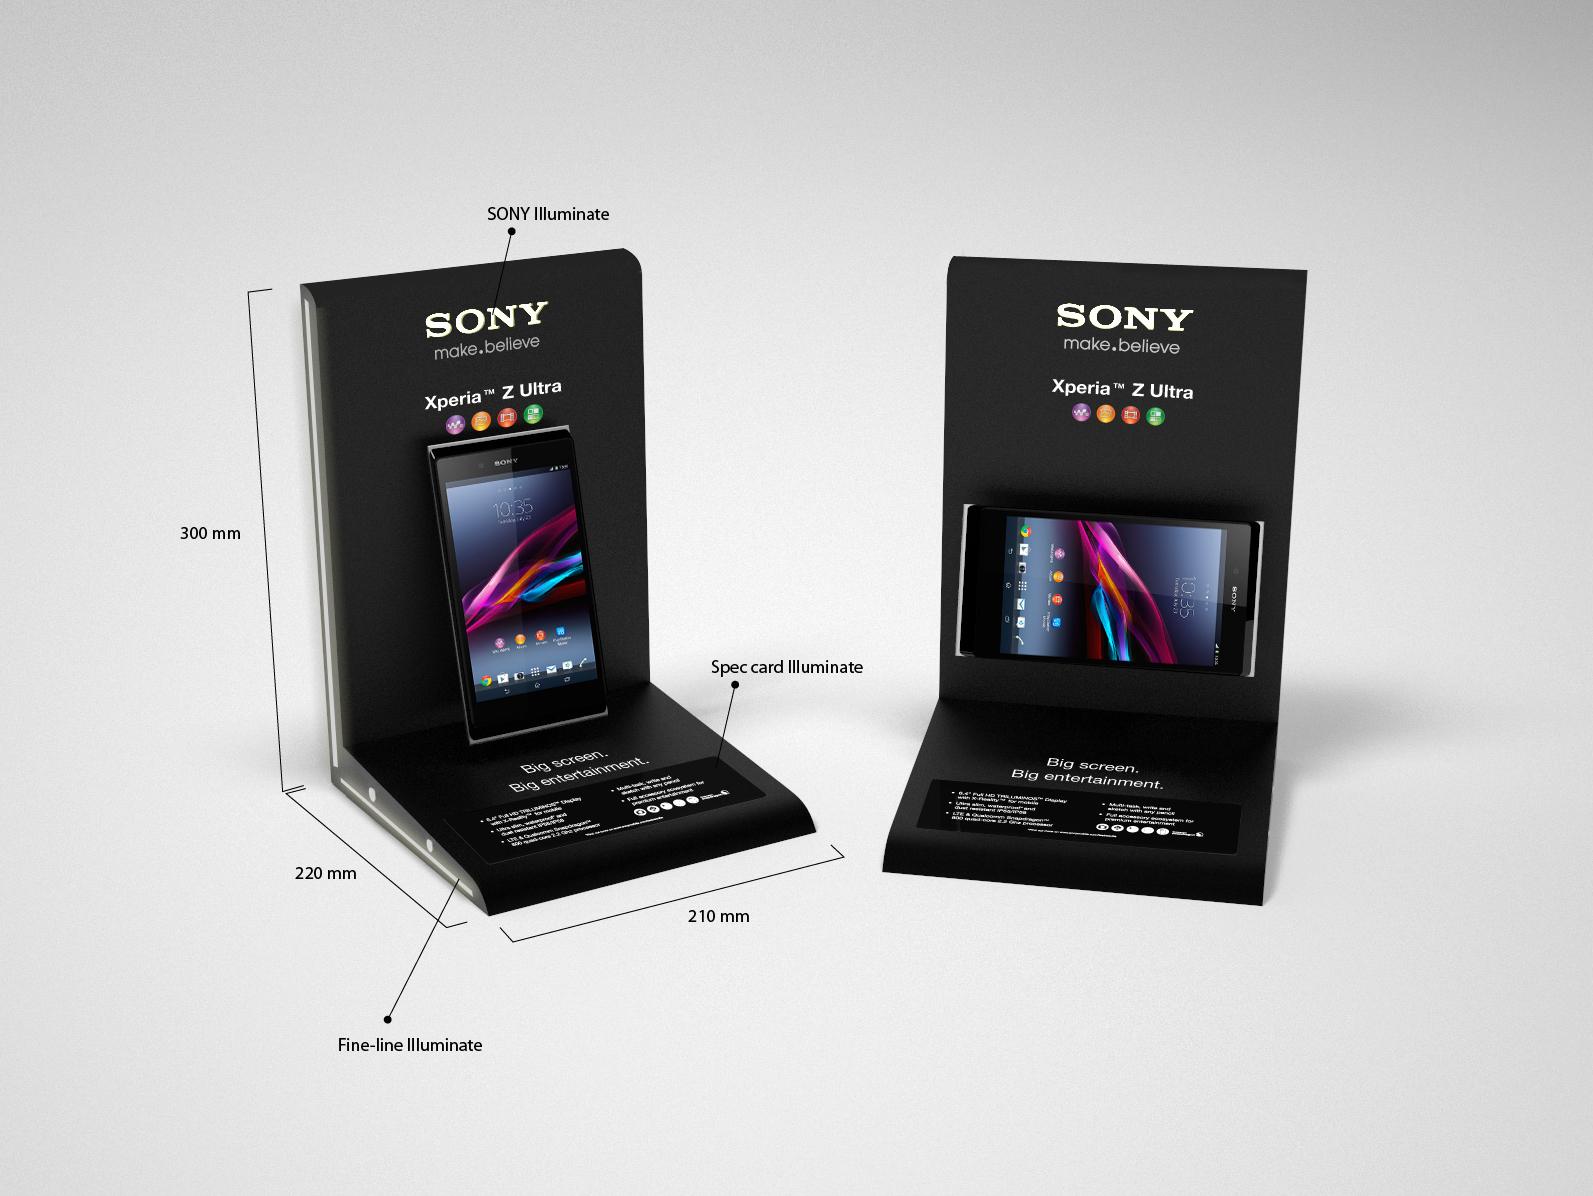 Sony Xperia Serie